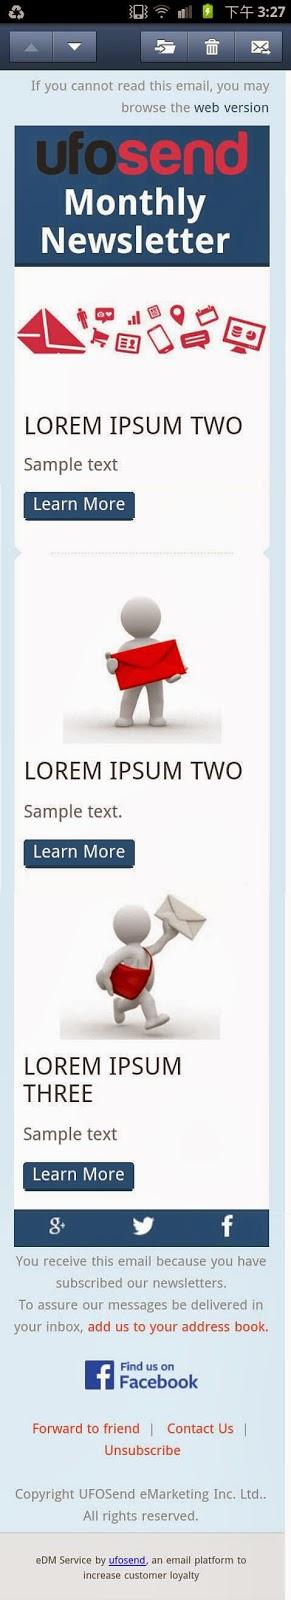 響應式電郵設計 Responsive email design